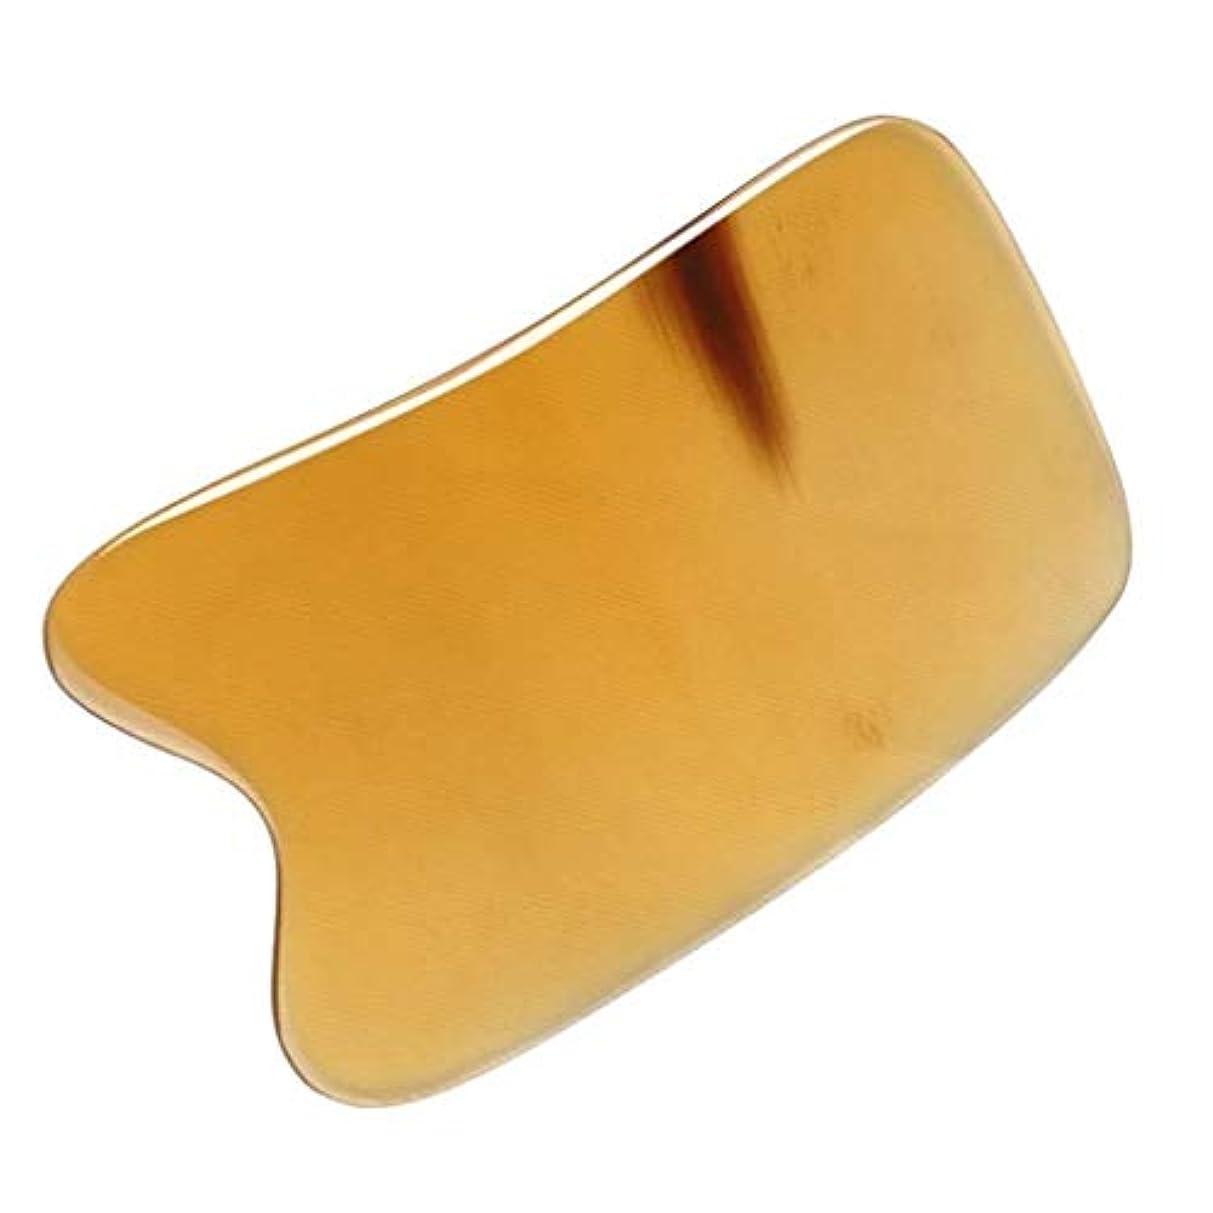 アジア人マトリックスツインIASTMグラストン理学療法ツール-最高品質のハンドメイドバッファローホーングアシャボード-首と筋肉の痛みを軽減 (Size : 5mm)